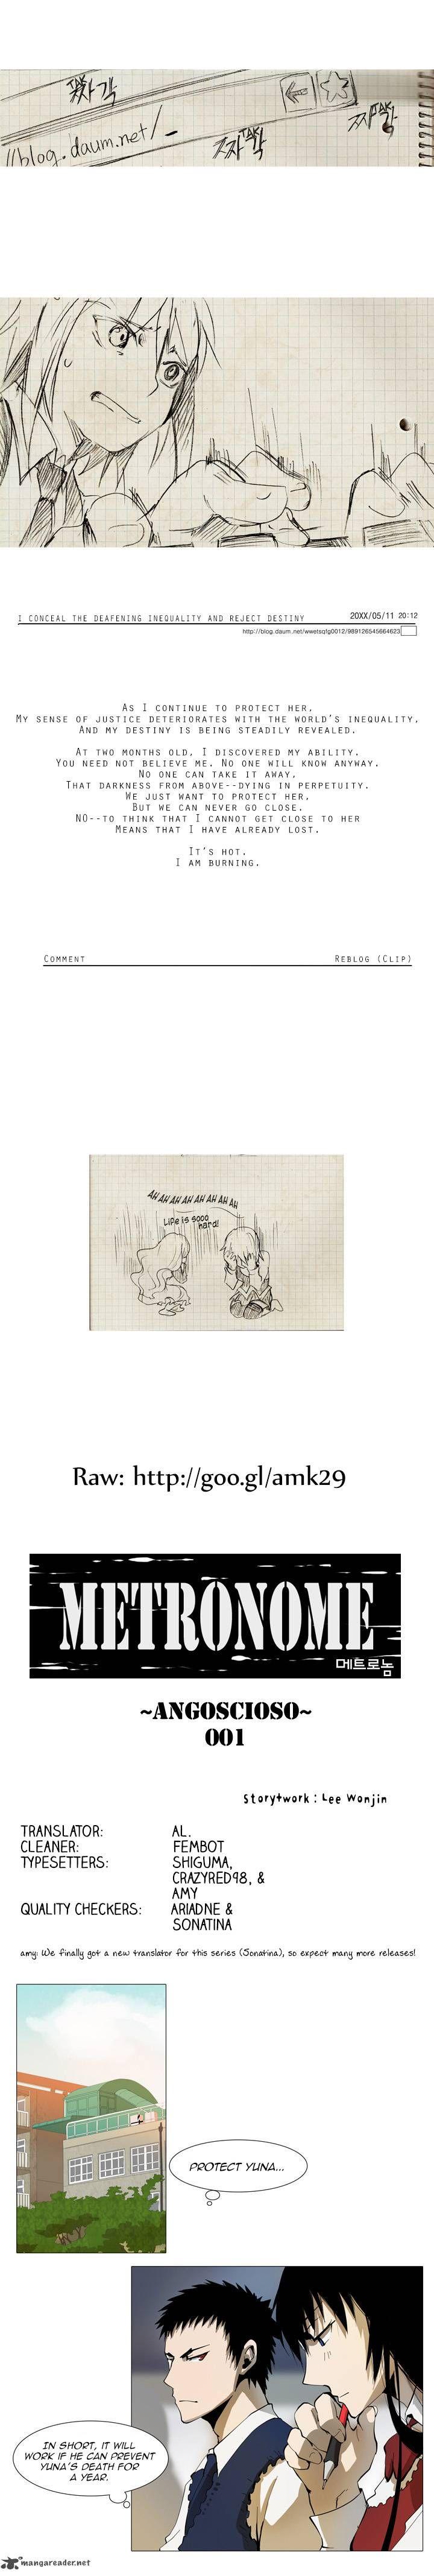 Metronome 15 Page 3